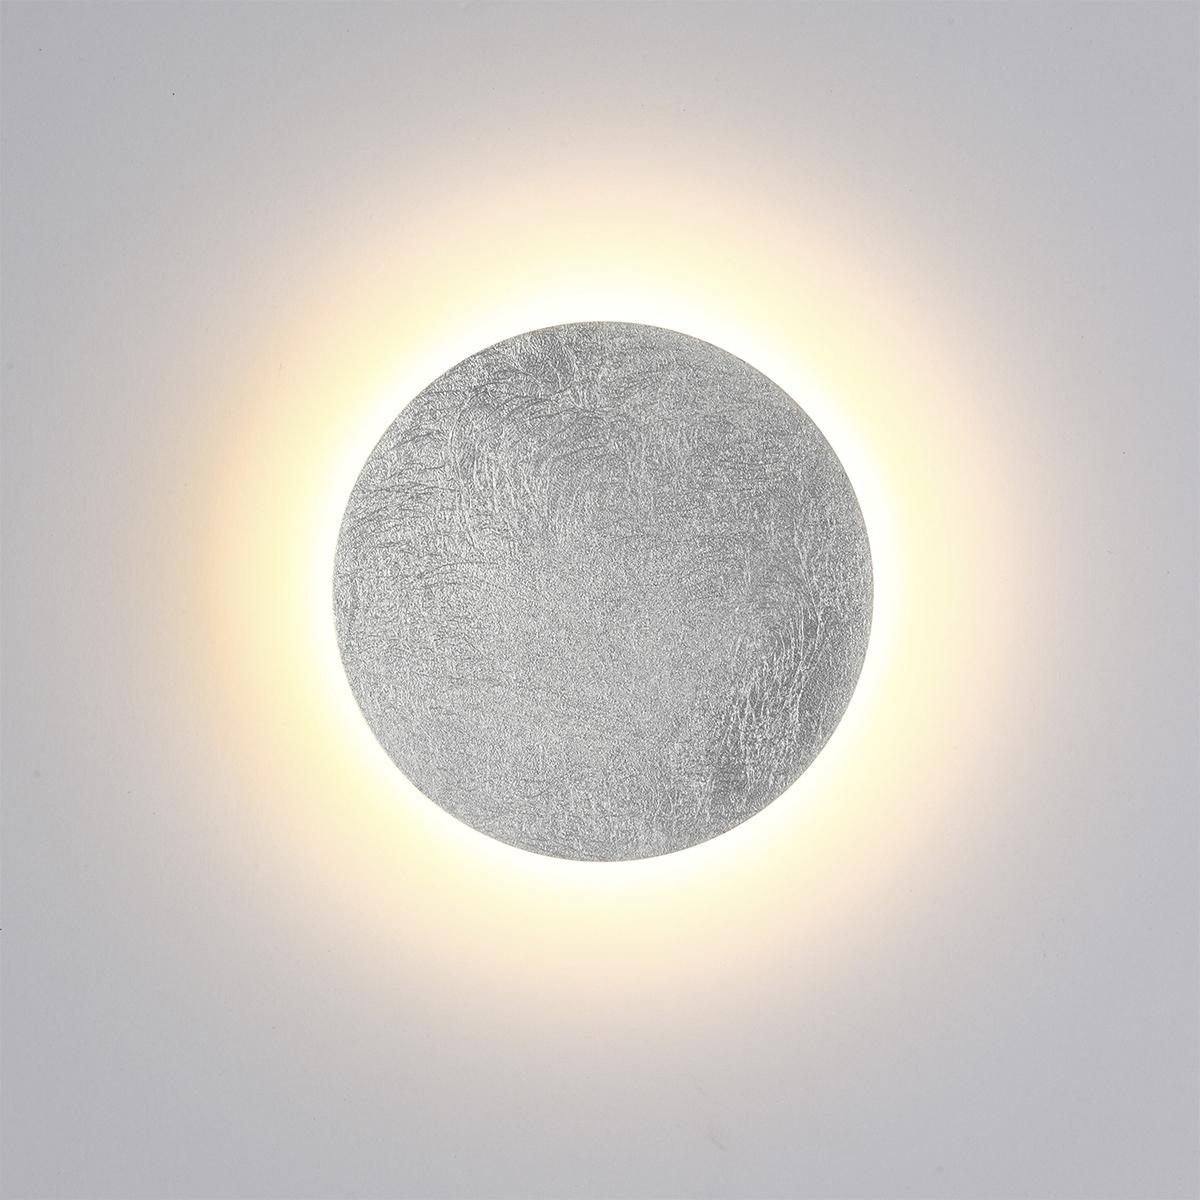 Настенный светодиодный светильник Odeon Light Hightech Lunario 3562/6WL, LED 6W 3000K 336lm, серебро, металл - фото 2